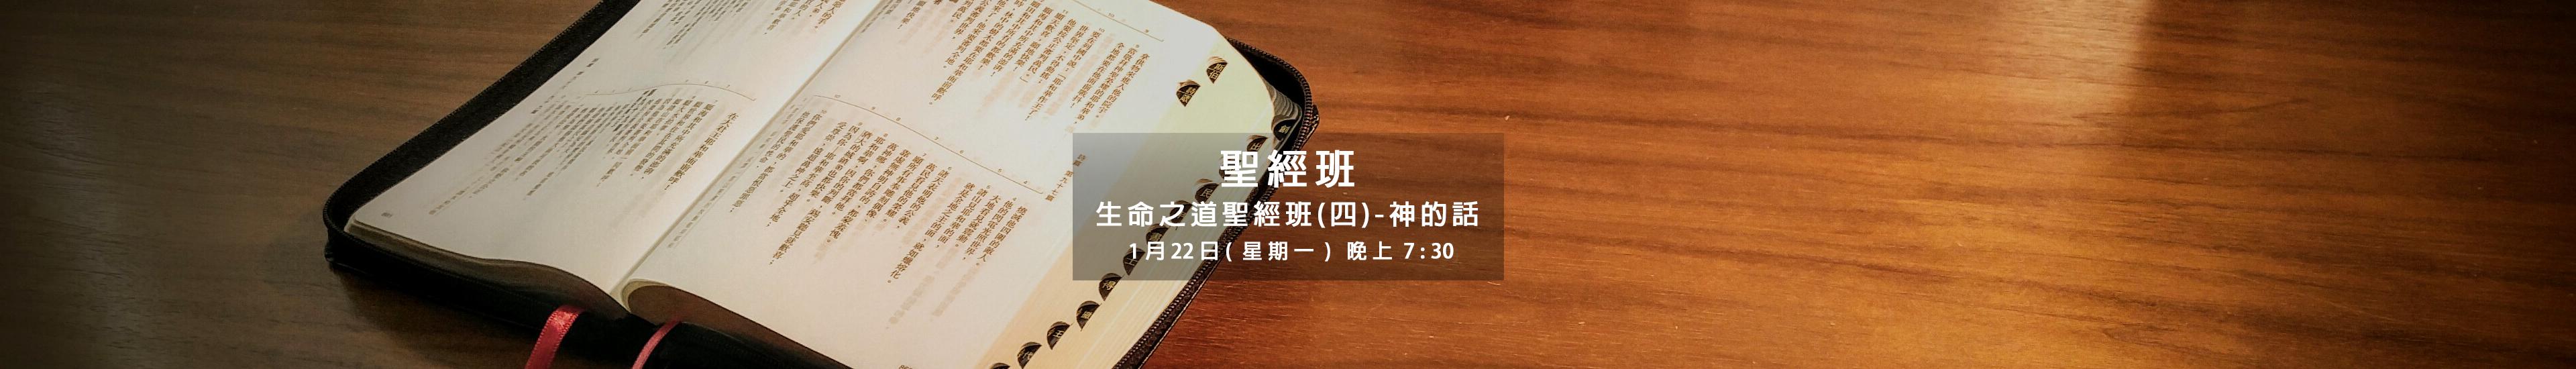 website_banner_bible_class_20180122